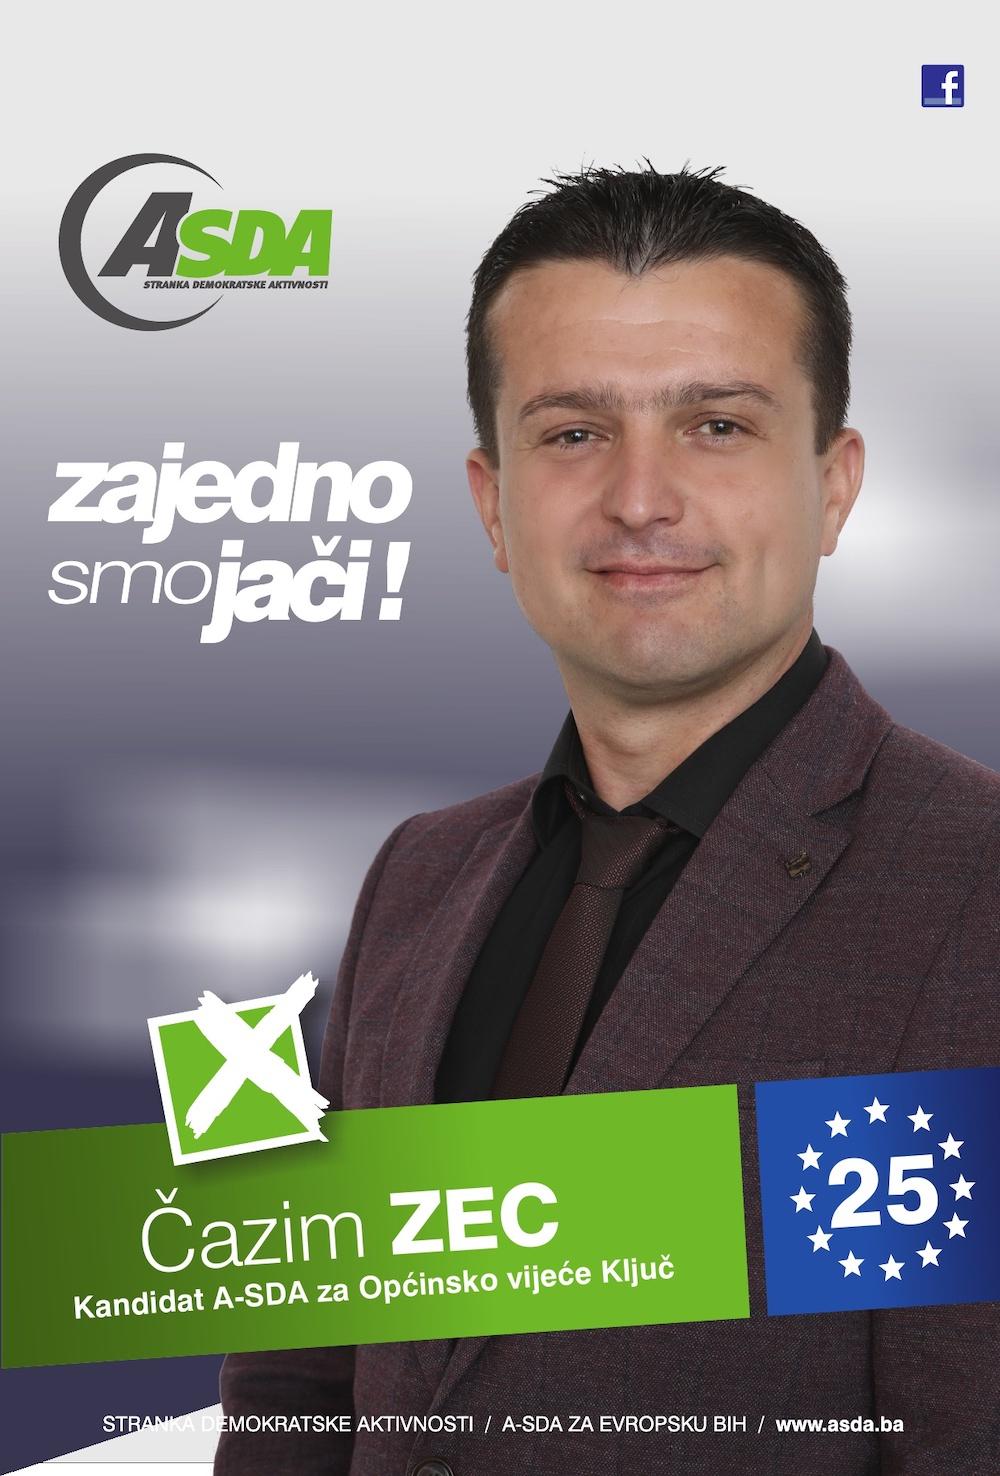 """Rođen 01.09.1981. godine u Travniku. Po zanimanju je nastavnik biologije i hemije. Zaposlen je u JU OŠ """"Velagići"""" na poziciji direktora. Oženjen, otac dvoje djece."""